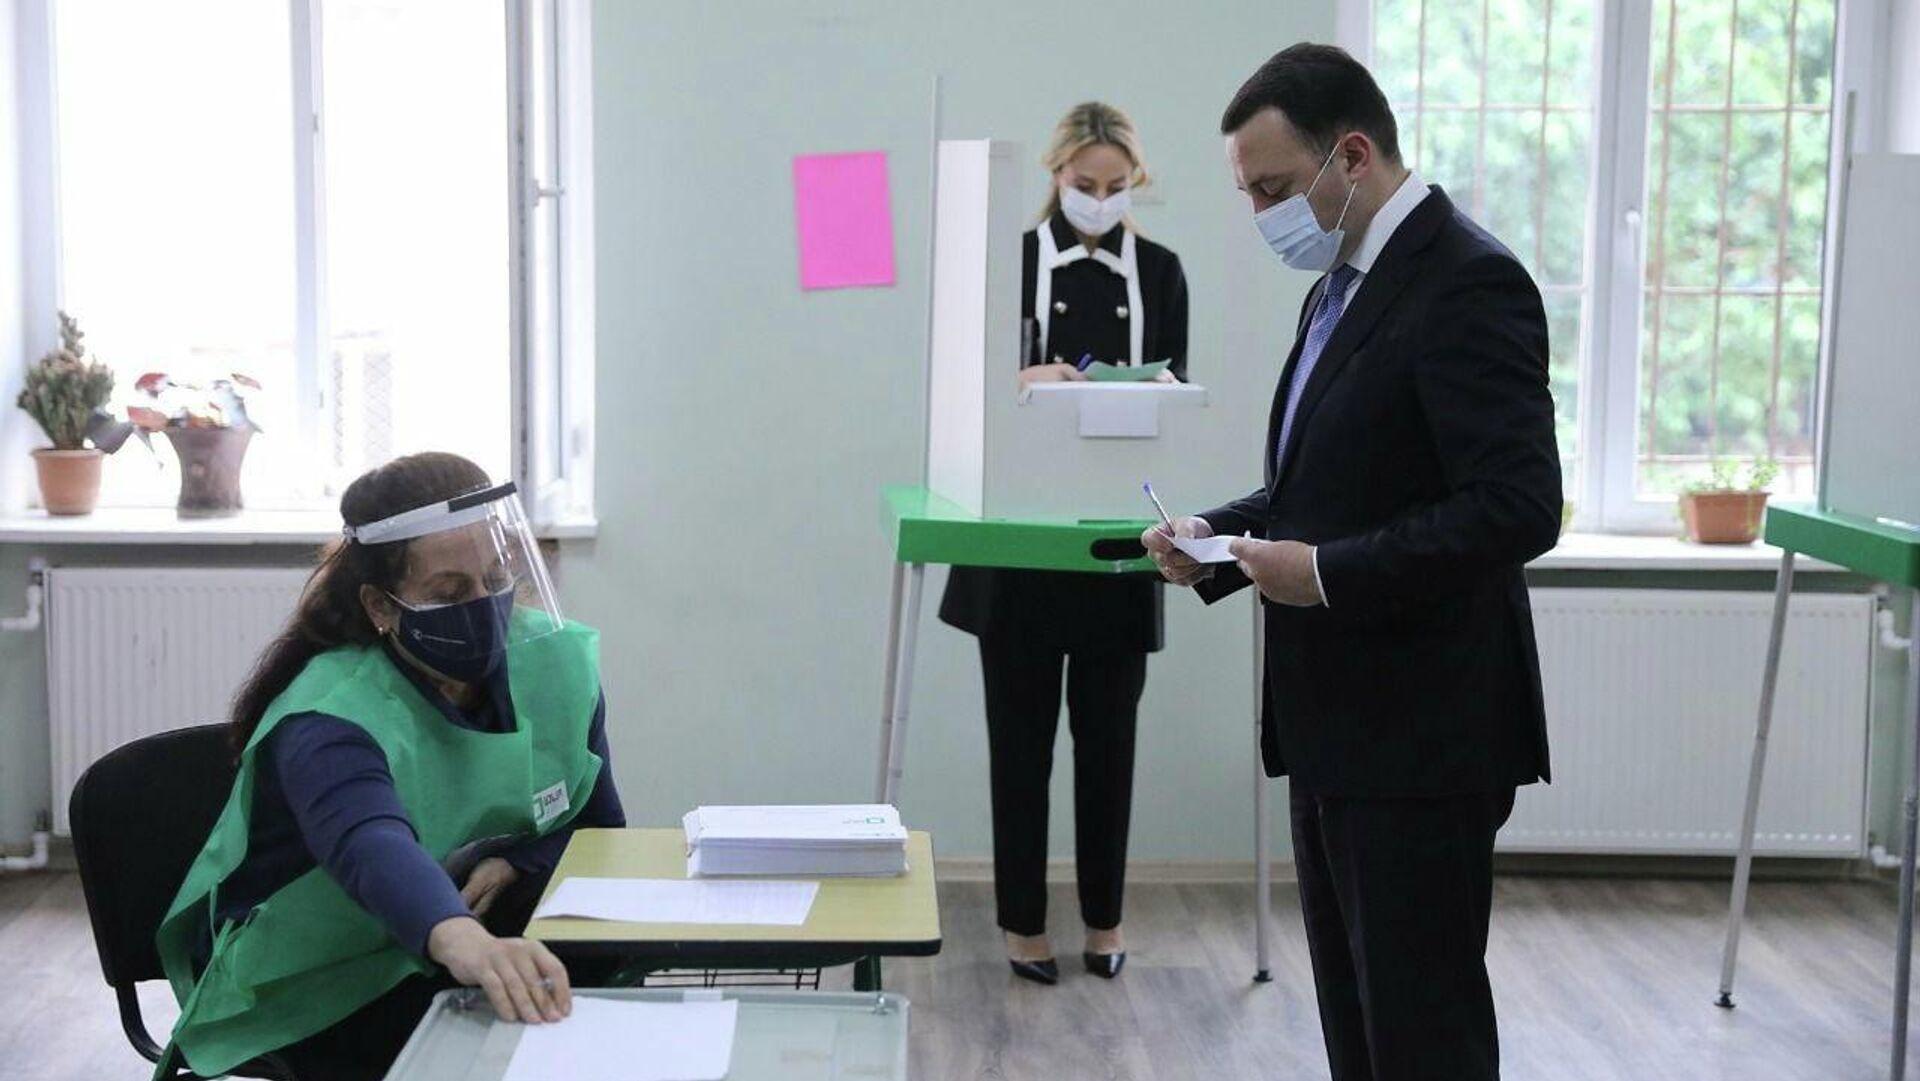 Ираклий Гарибашвили с супругой участвует в голосовании. Местные выборы в Грузии 2 октября - Sputnik Грузия, 1920, 02.10.2021